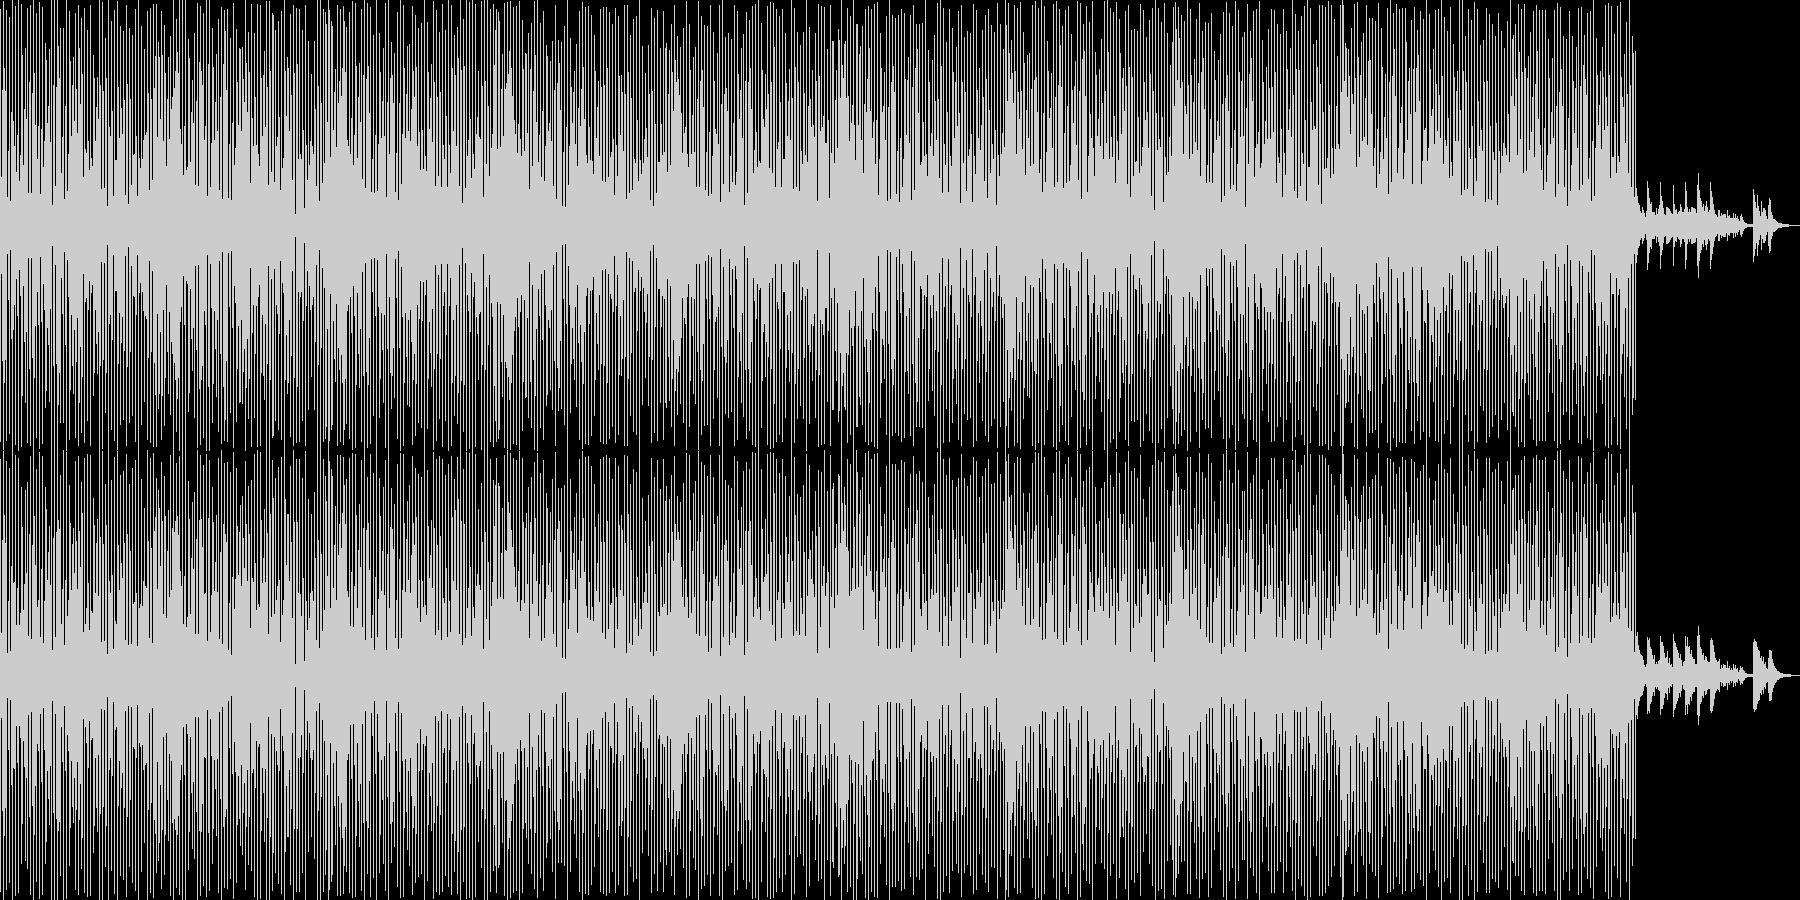 アコースティックギターを中心にしたアン…の未再生の波形